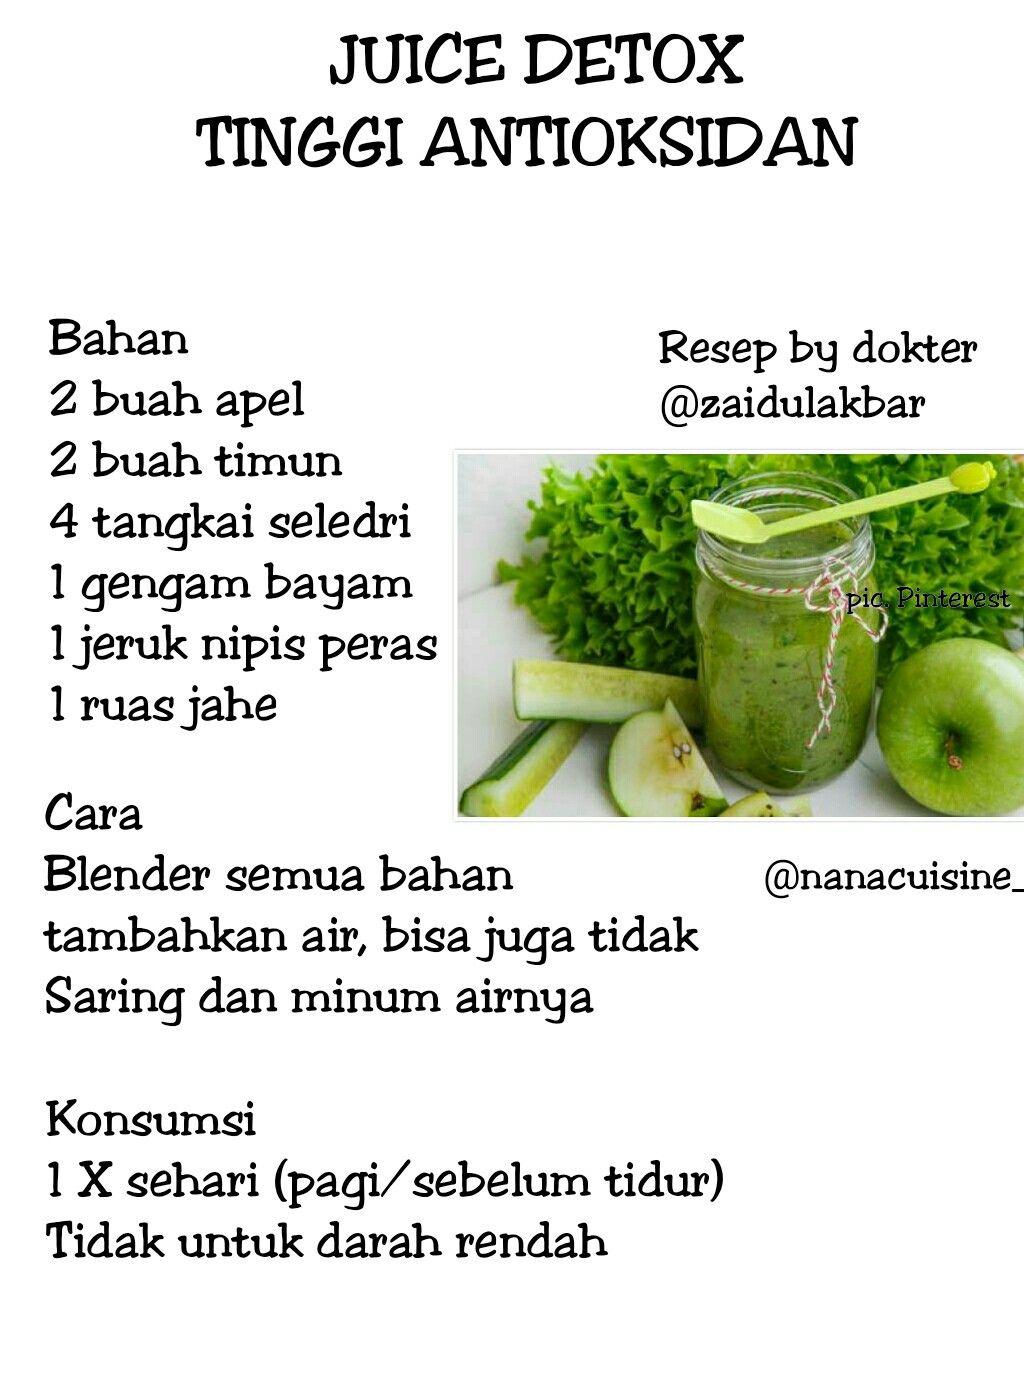 Pin Oleh Imah Dwi Lestari Di Resep Jsr Obat Alami Resep Diet Resep Diet Sehat